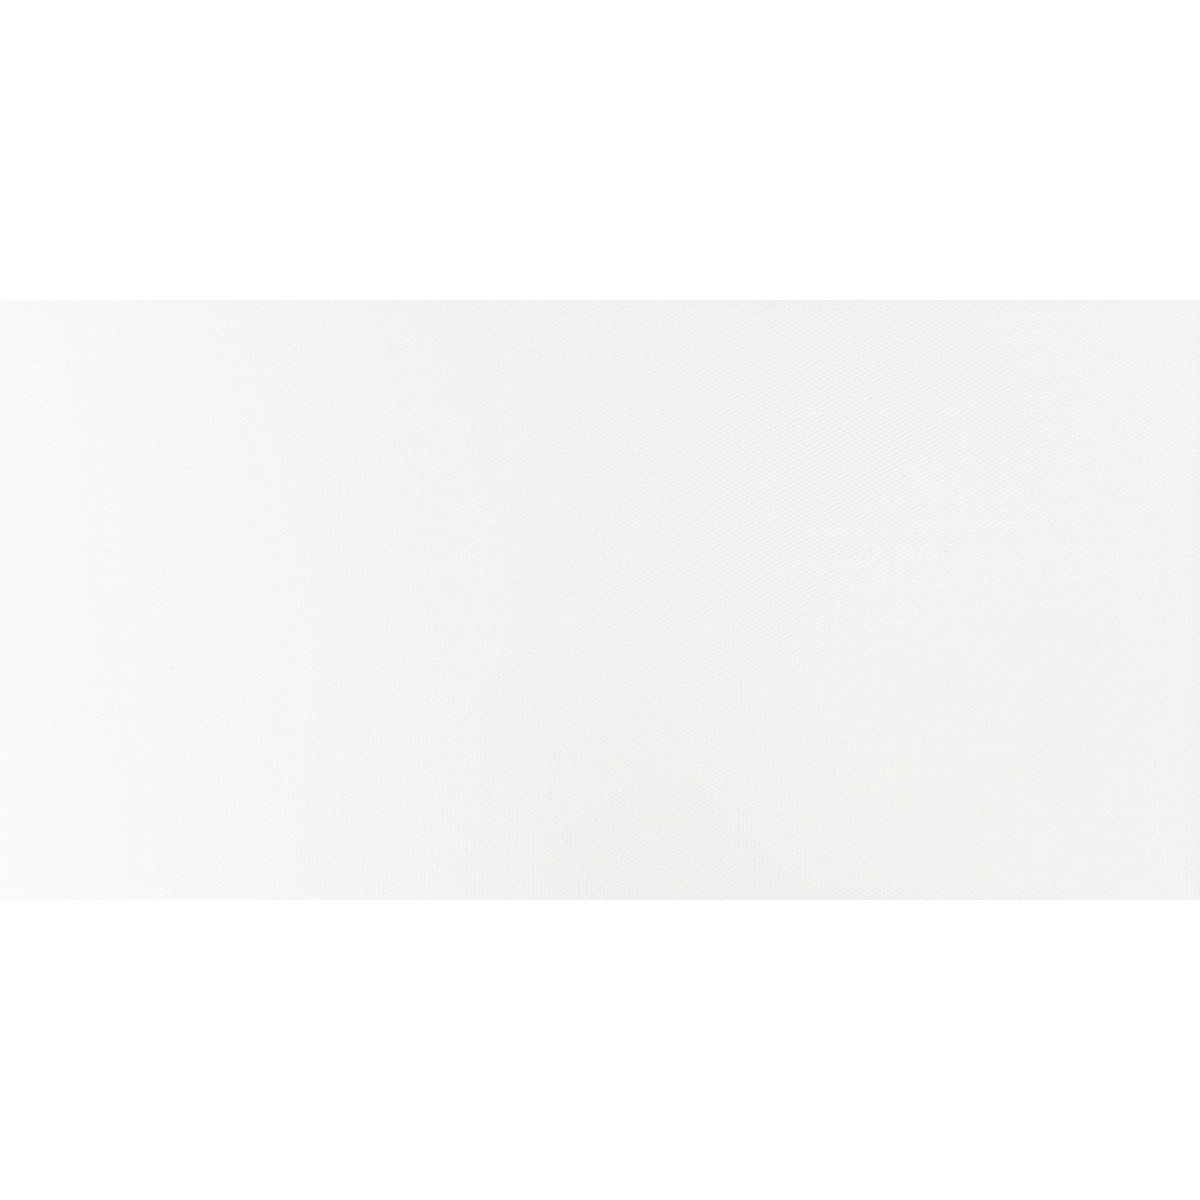 Плитка настенная LB Ceramics Моана 19.8x39.8 см 1.58 м² цвет белый